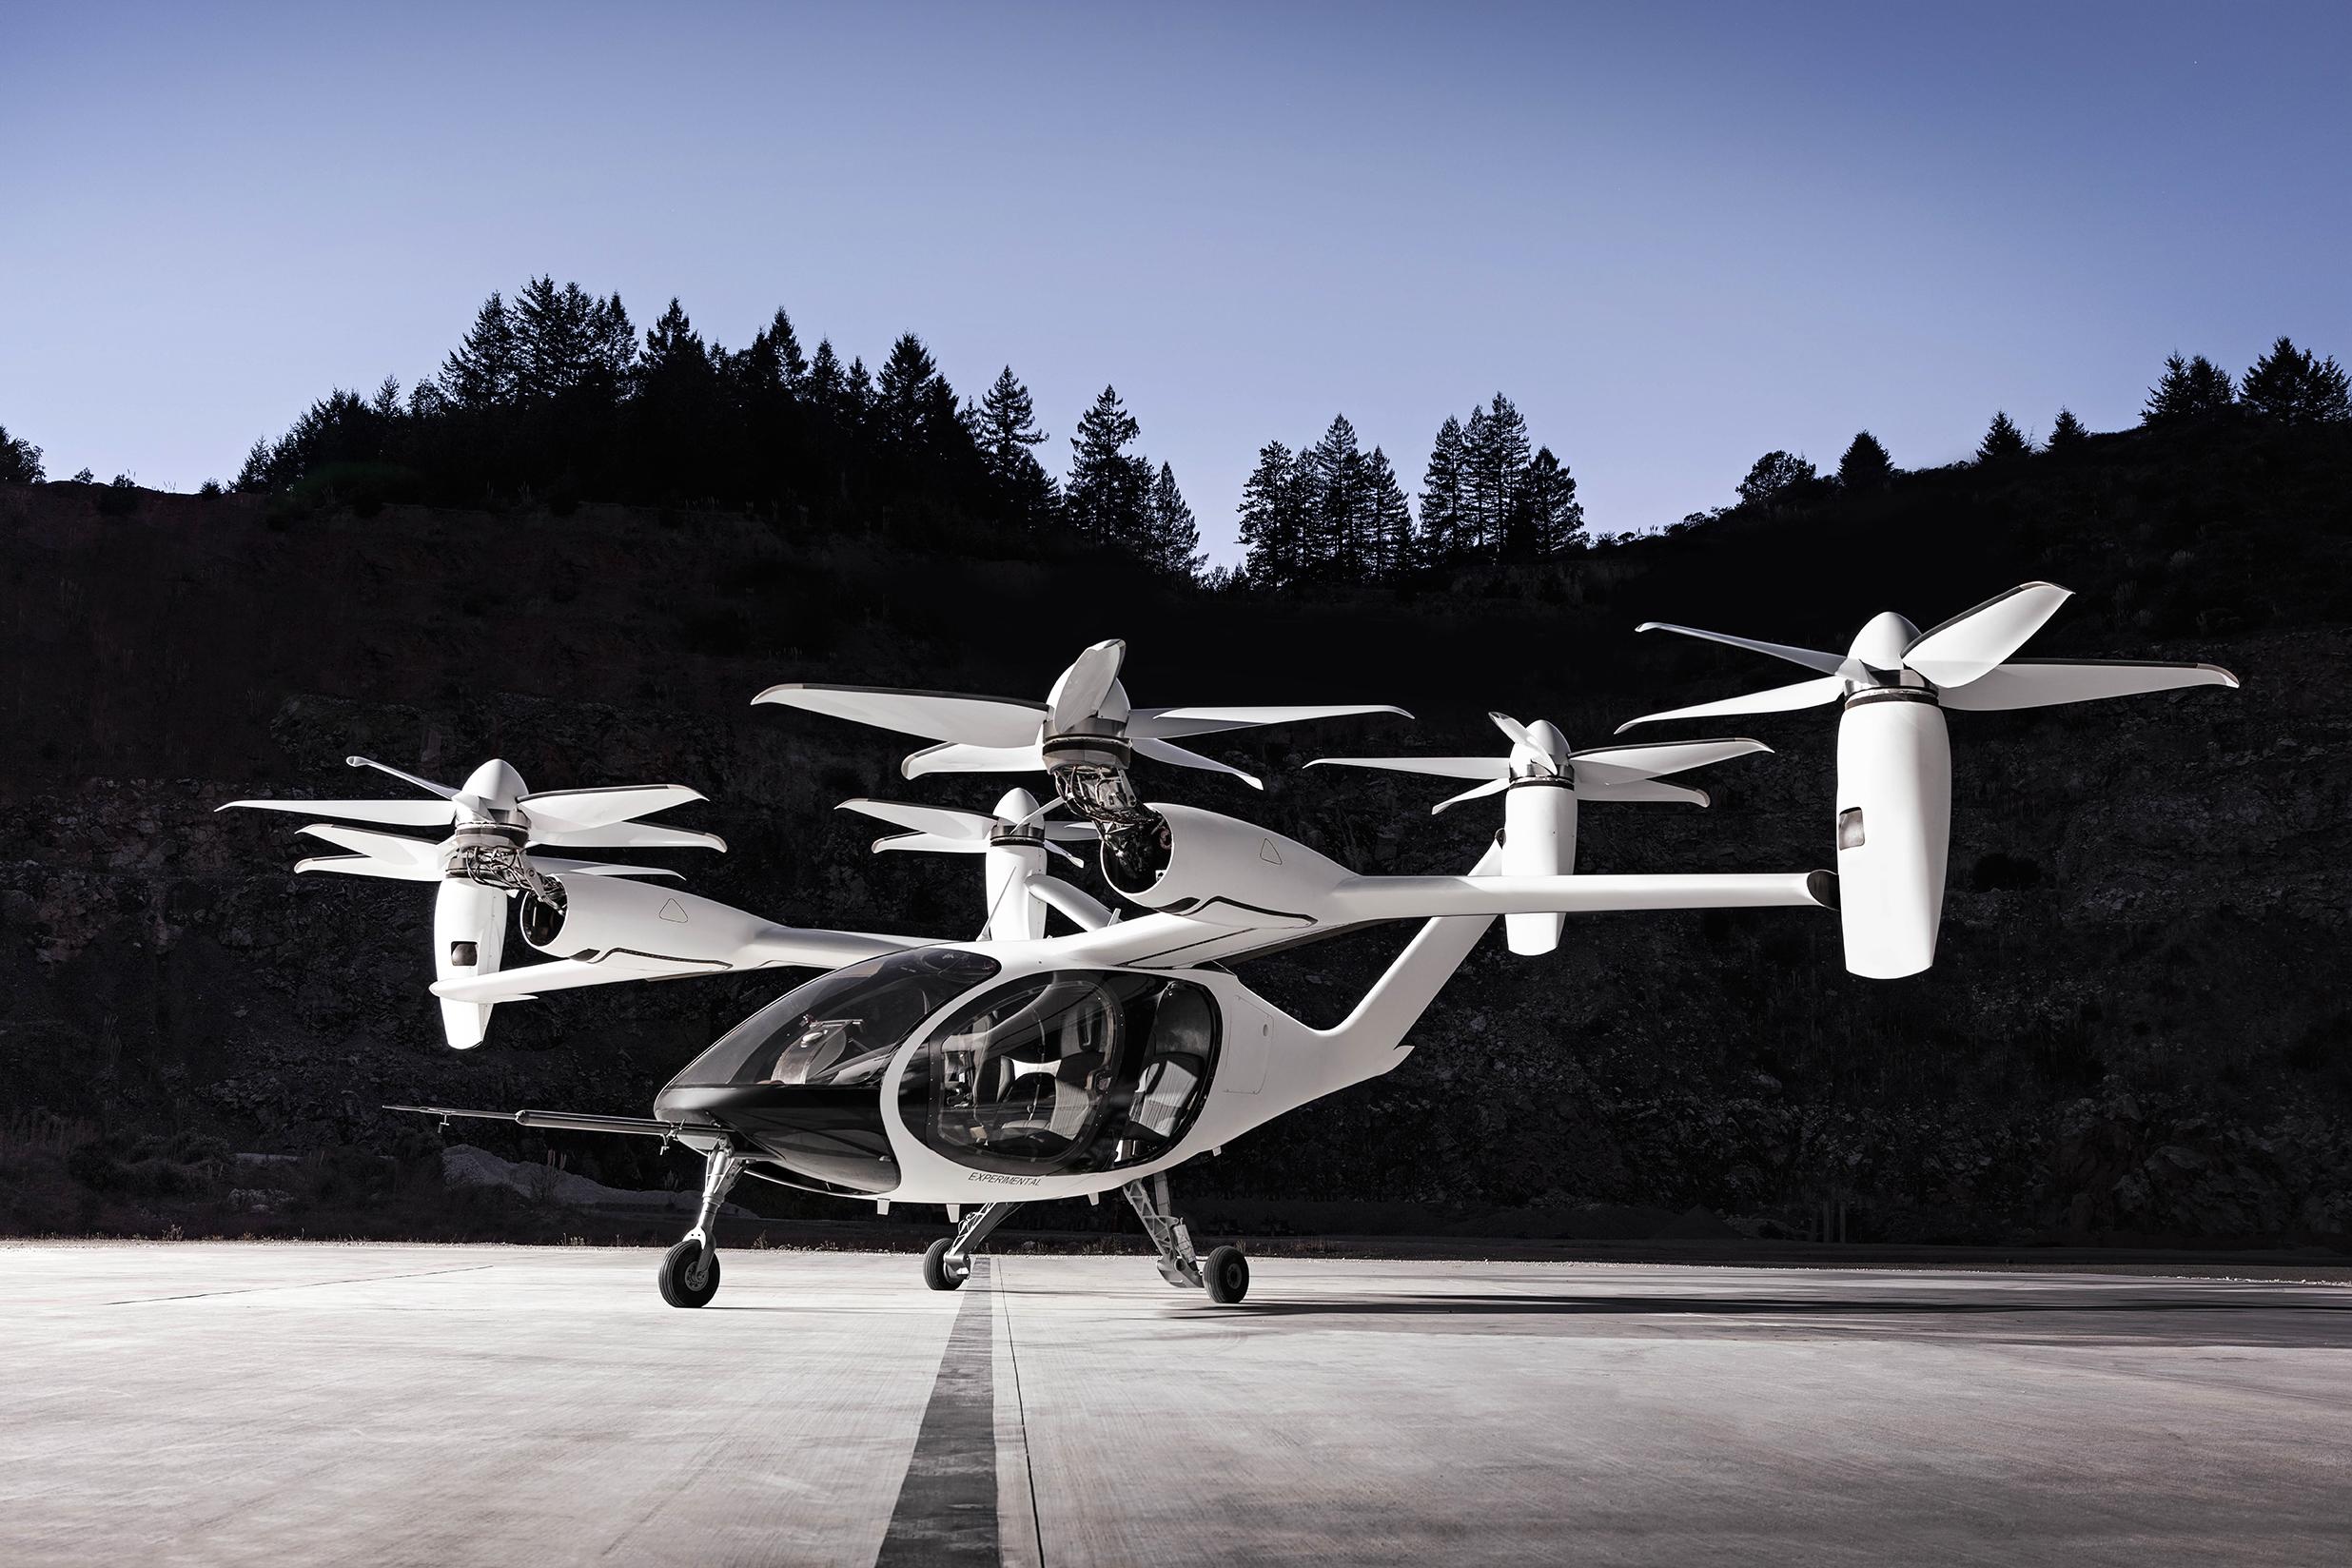 Joby Aviation's aircraft prototype